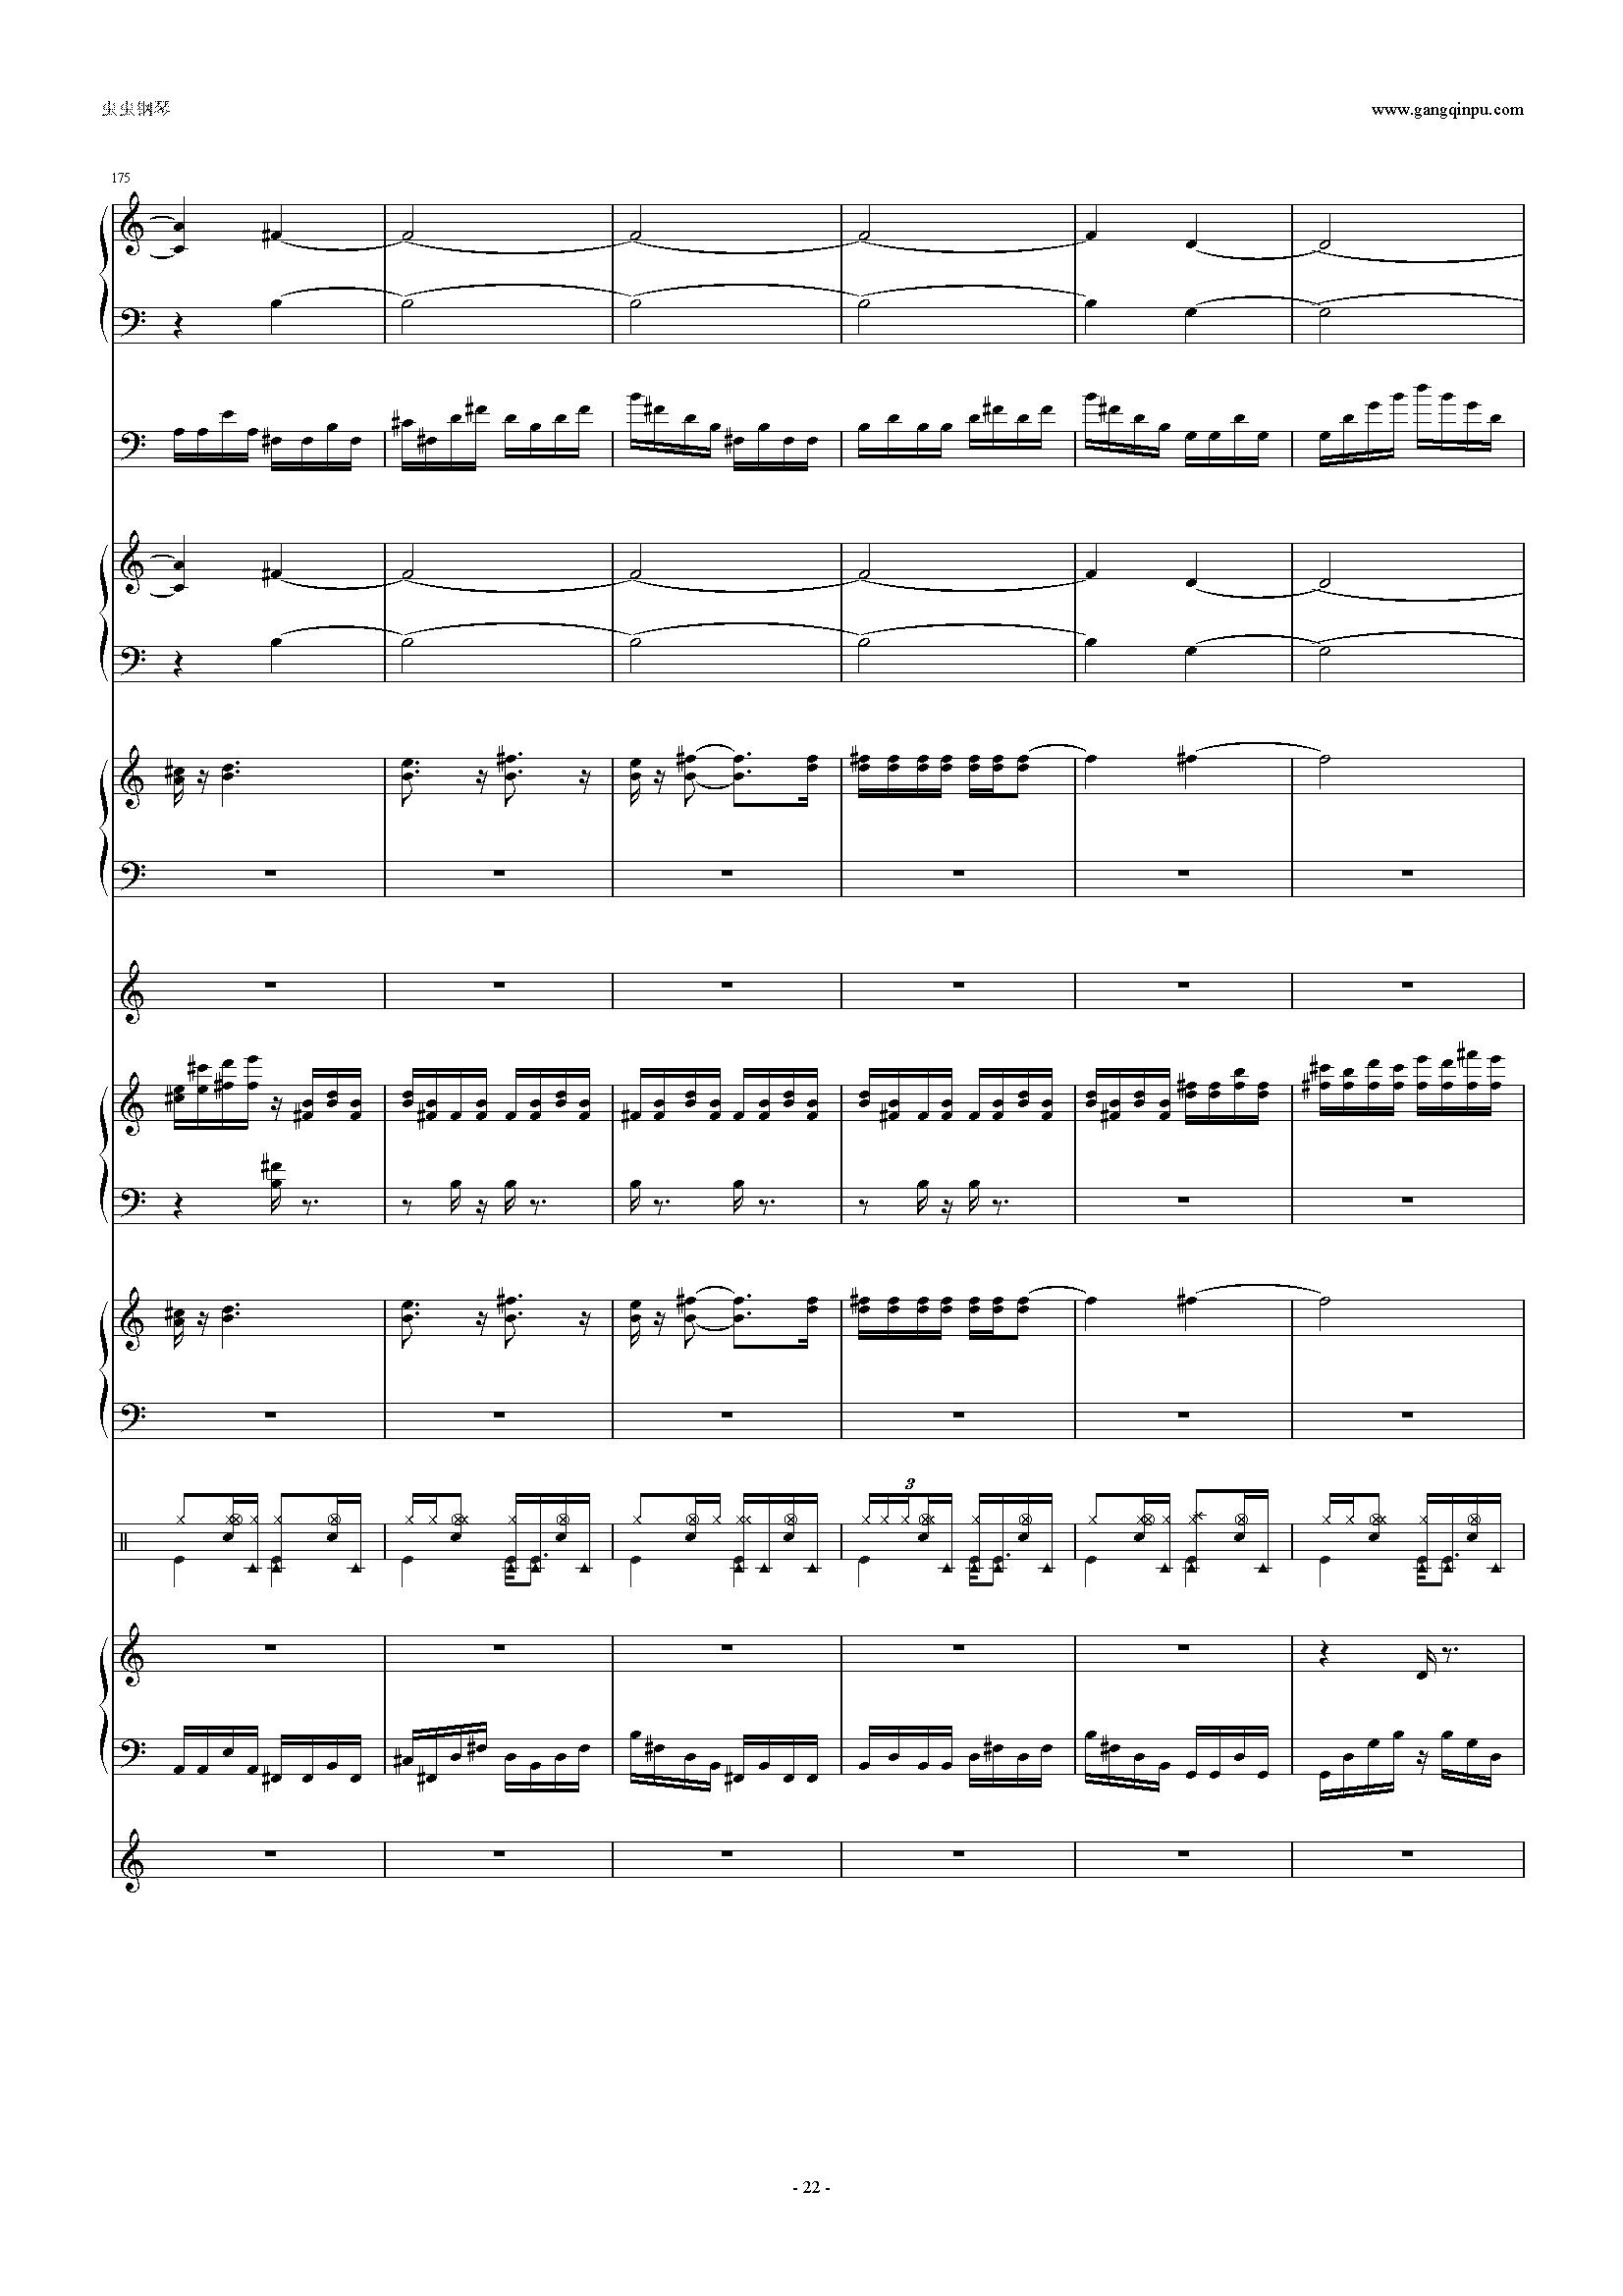 少女幻葬钢琴谱 第22页